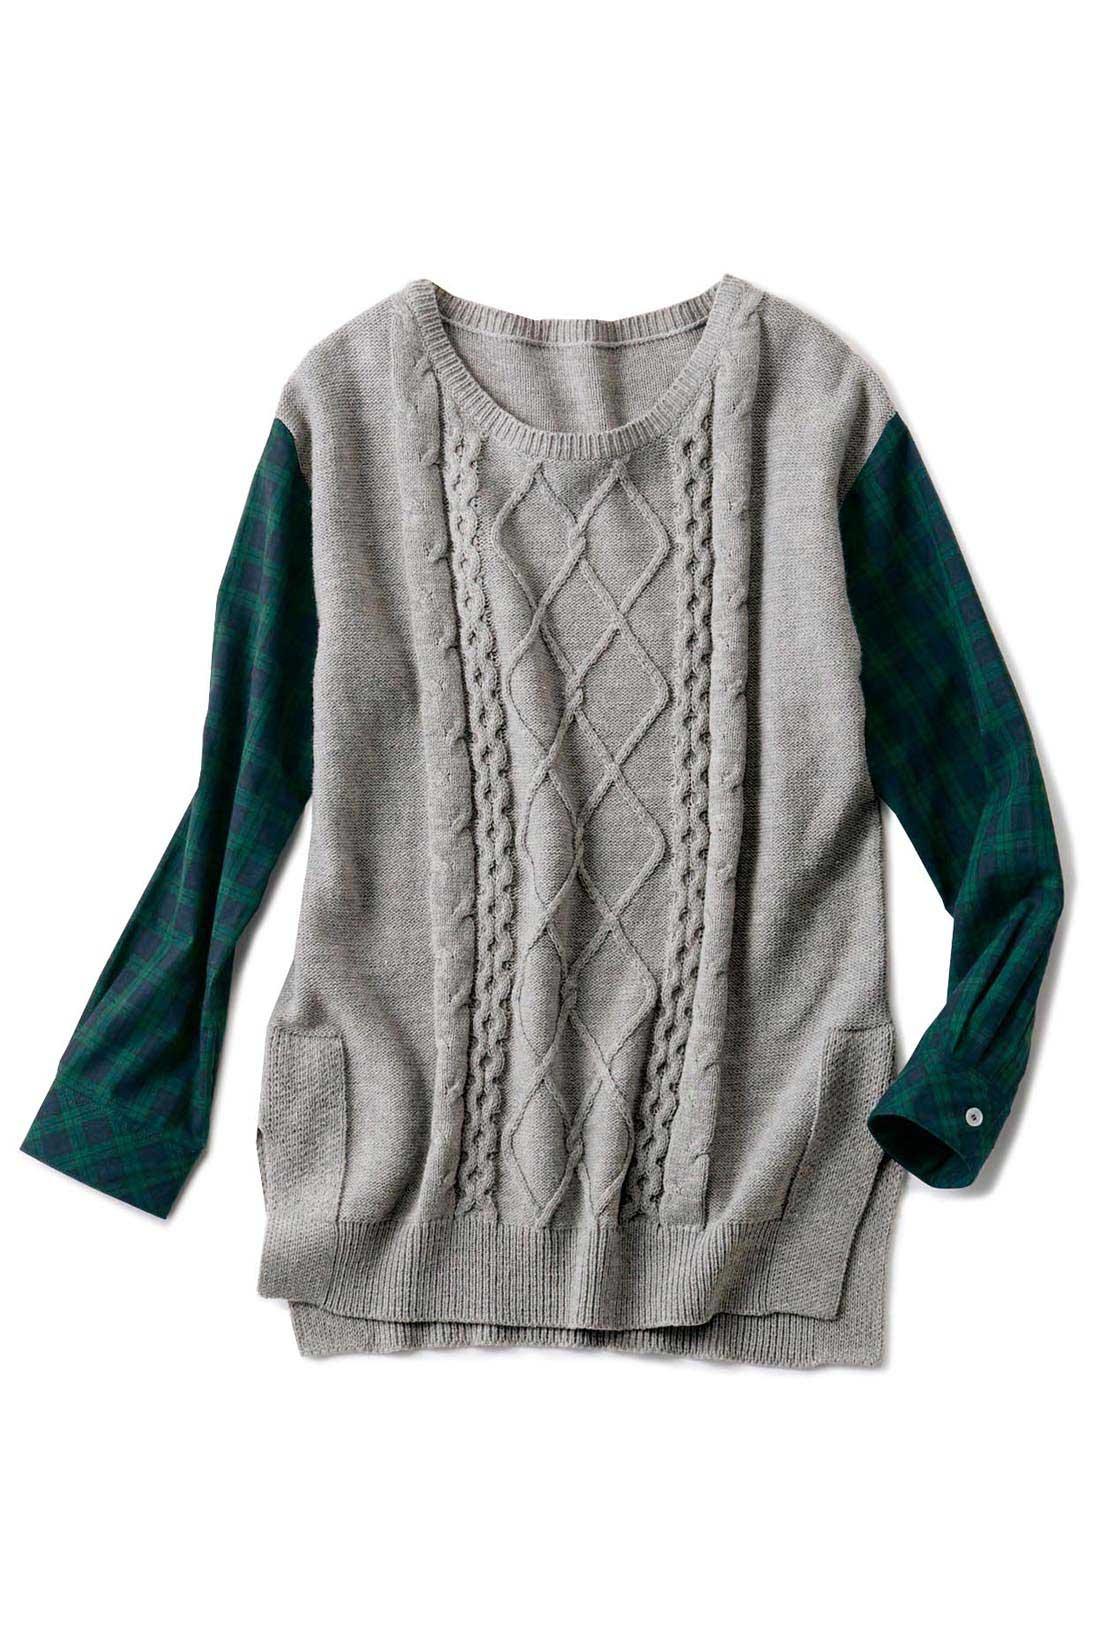 カジュアルで華やかな〈杢グレイ〉 縦目線をつくる編み地の効果で、細見え。バックスタイルは編み柄なしでスッキリ。 サイドスリットで腰まわりのもたつきを解消。 ヒップをカバーするよう、後ろの丈は長めに。腰まわりがすっきり見えます。